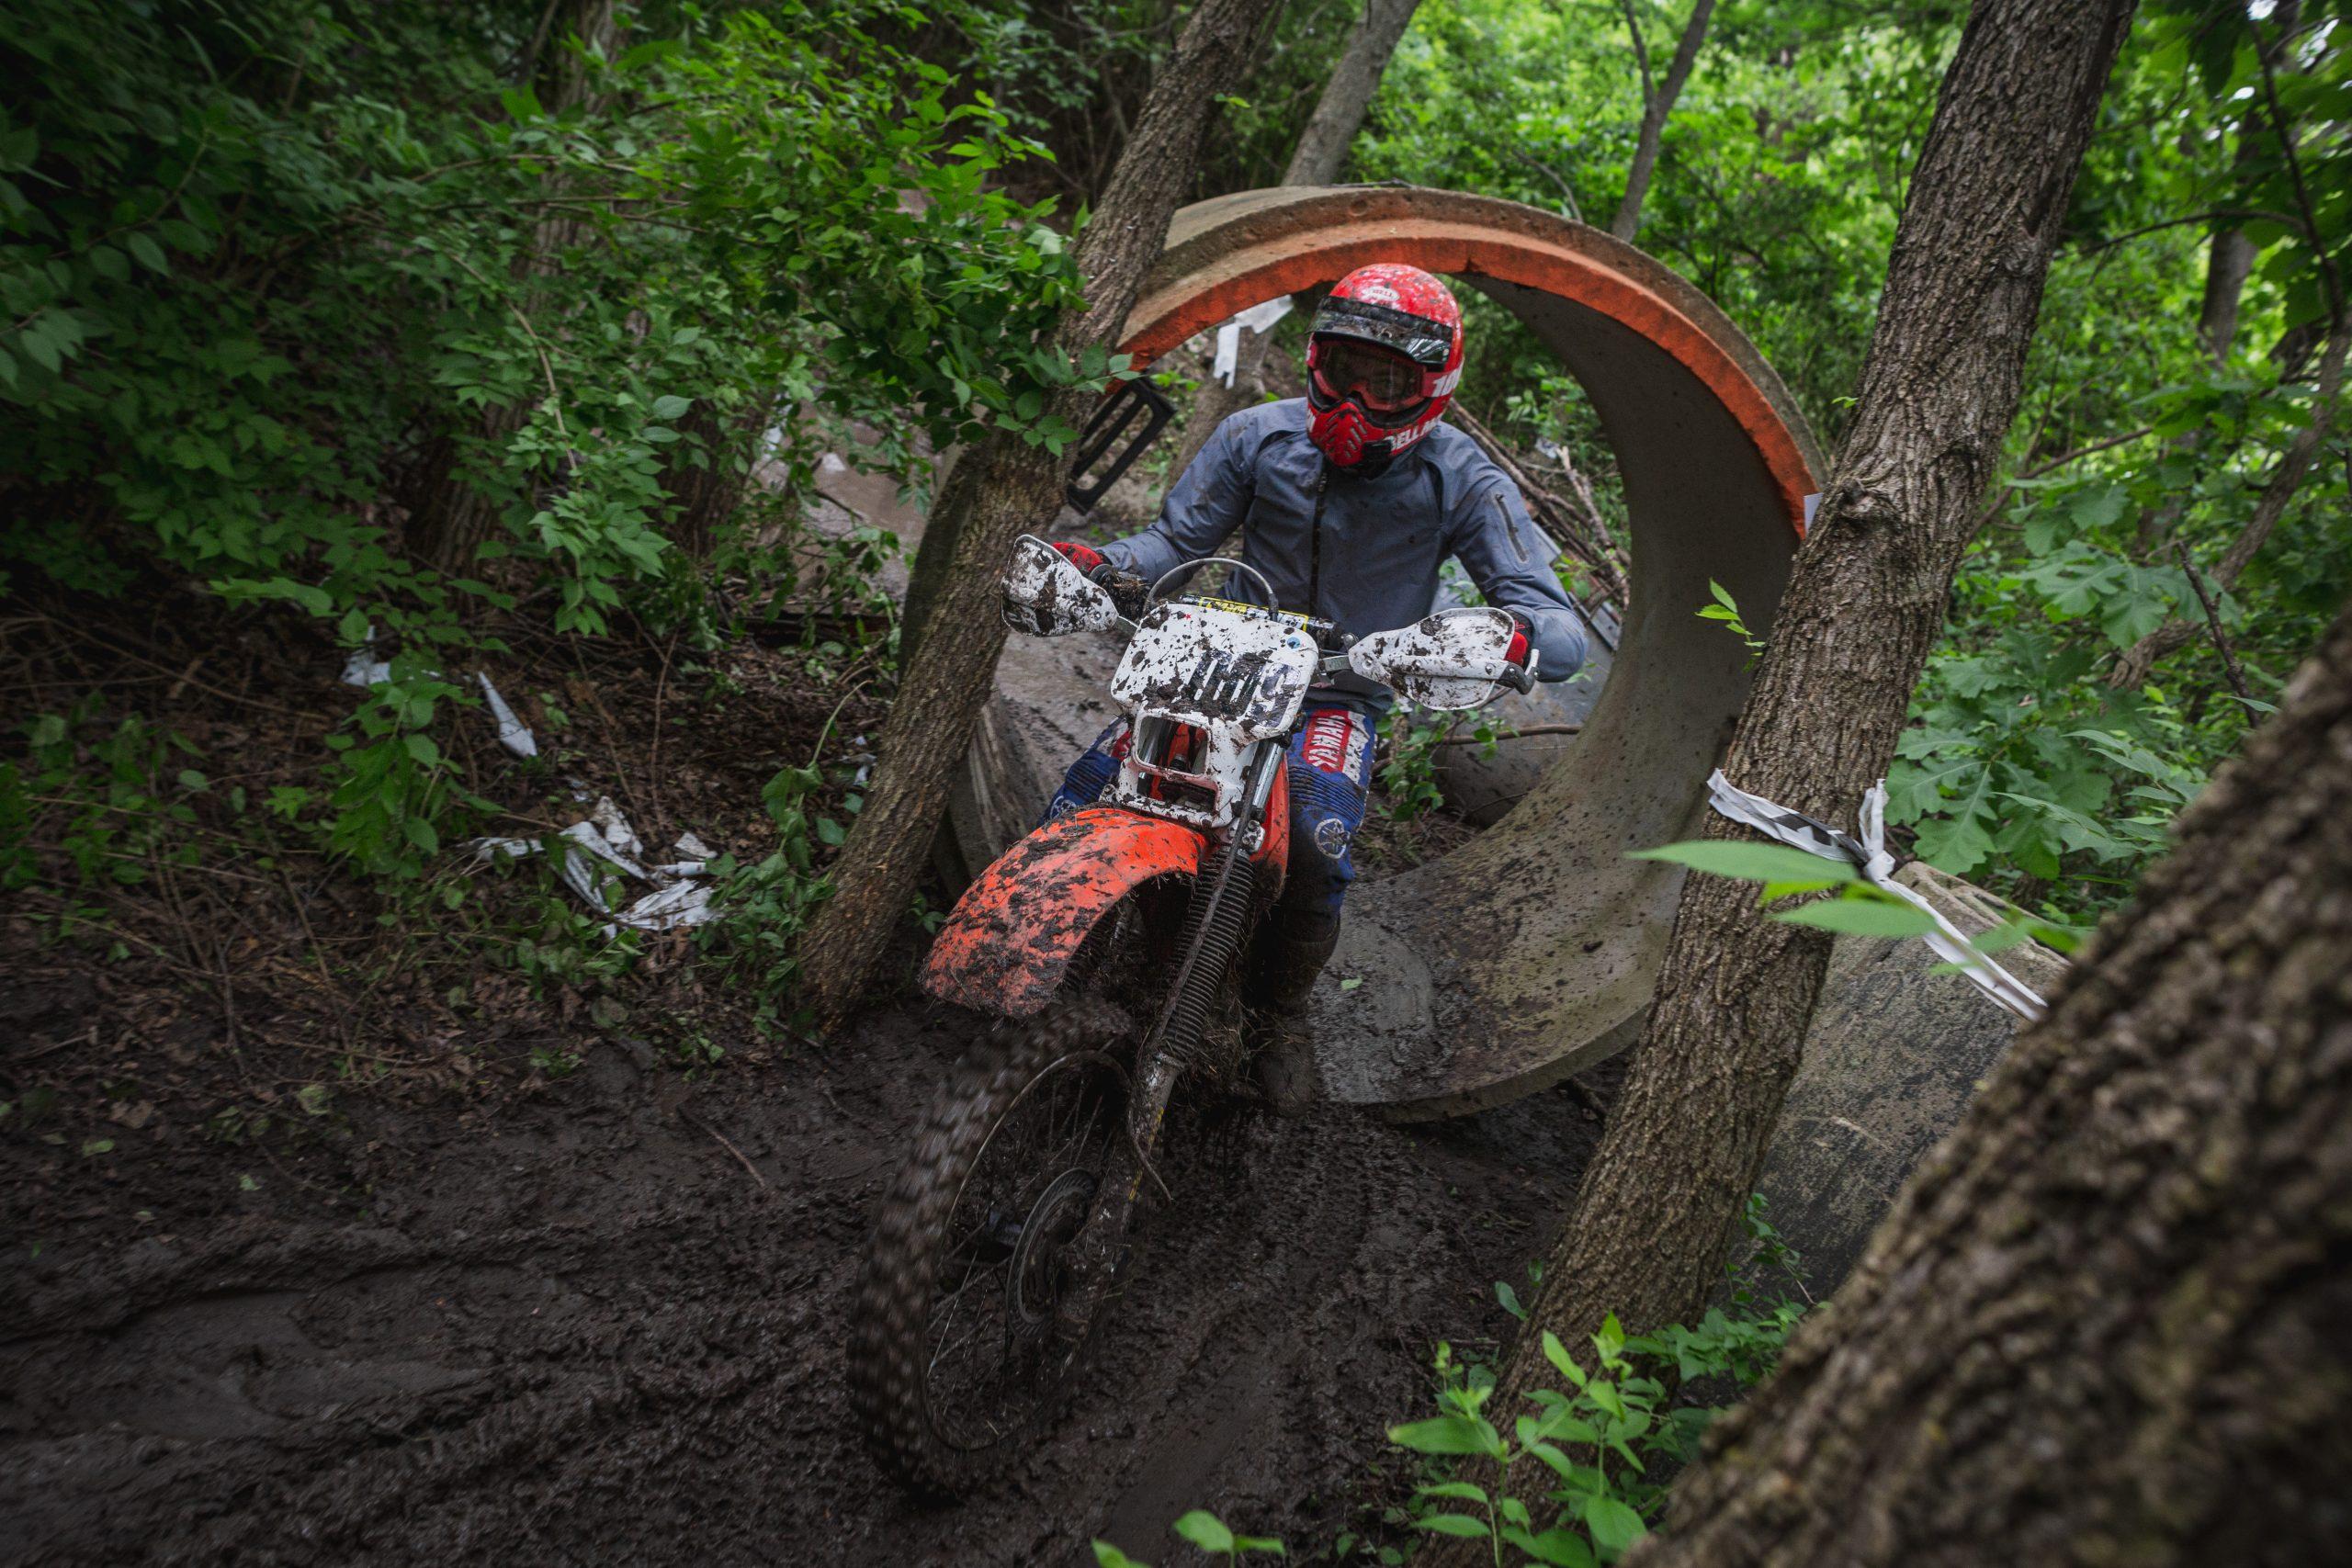 heartland motofest Kyle Smith cross country culvert